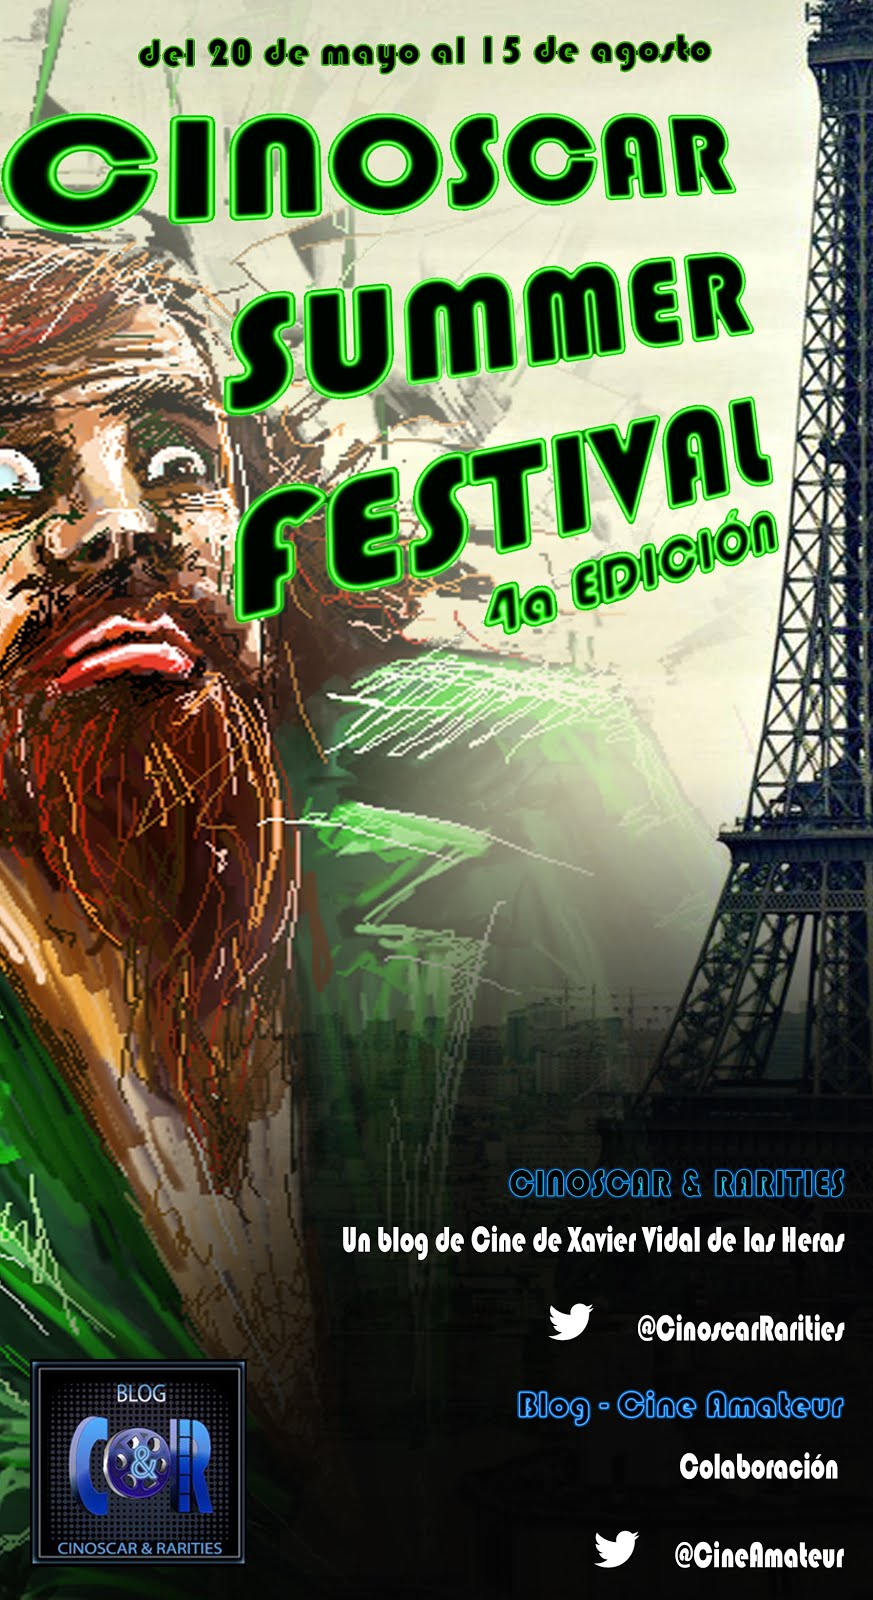 CINOSCAR SUMMER FESTIVAL 4a Edición